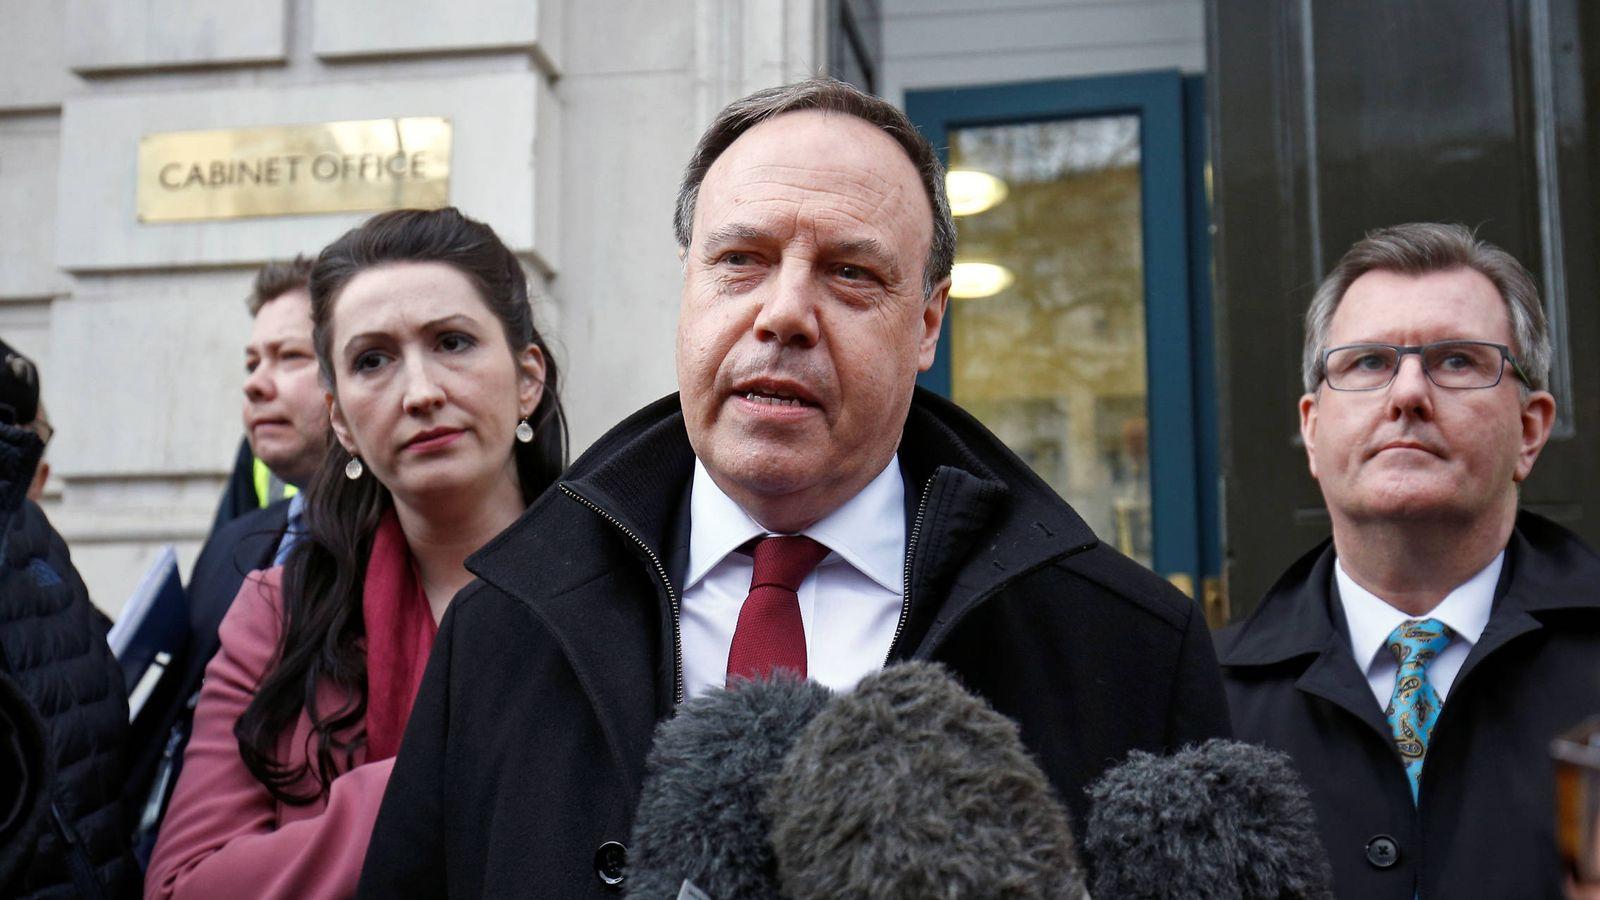 Foto: Nigel Dodds, del DUP, se dirige a los medios ante el Cabinet Office, en Londres. (Reuters)